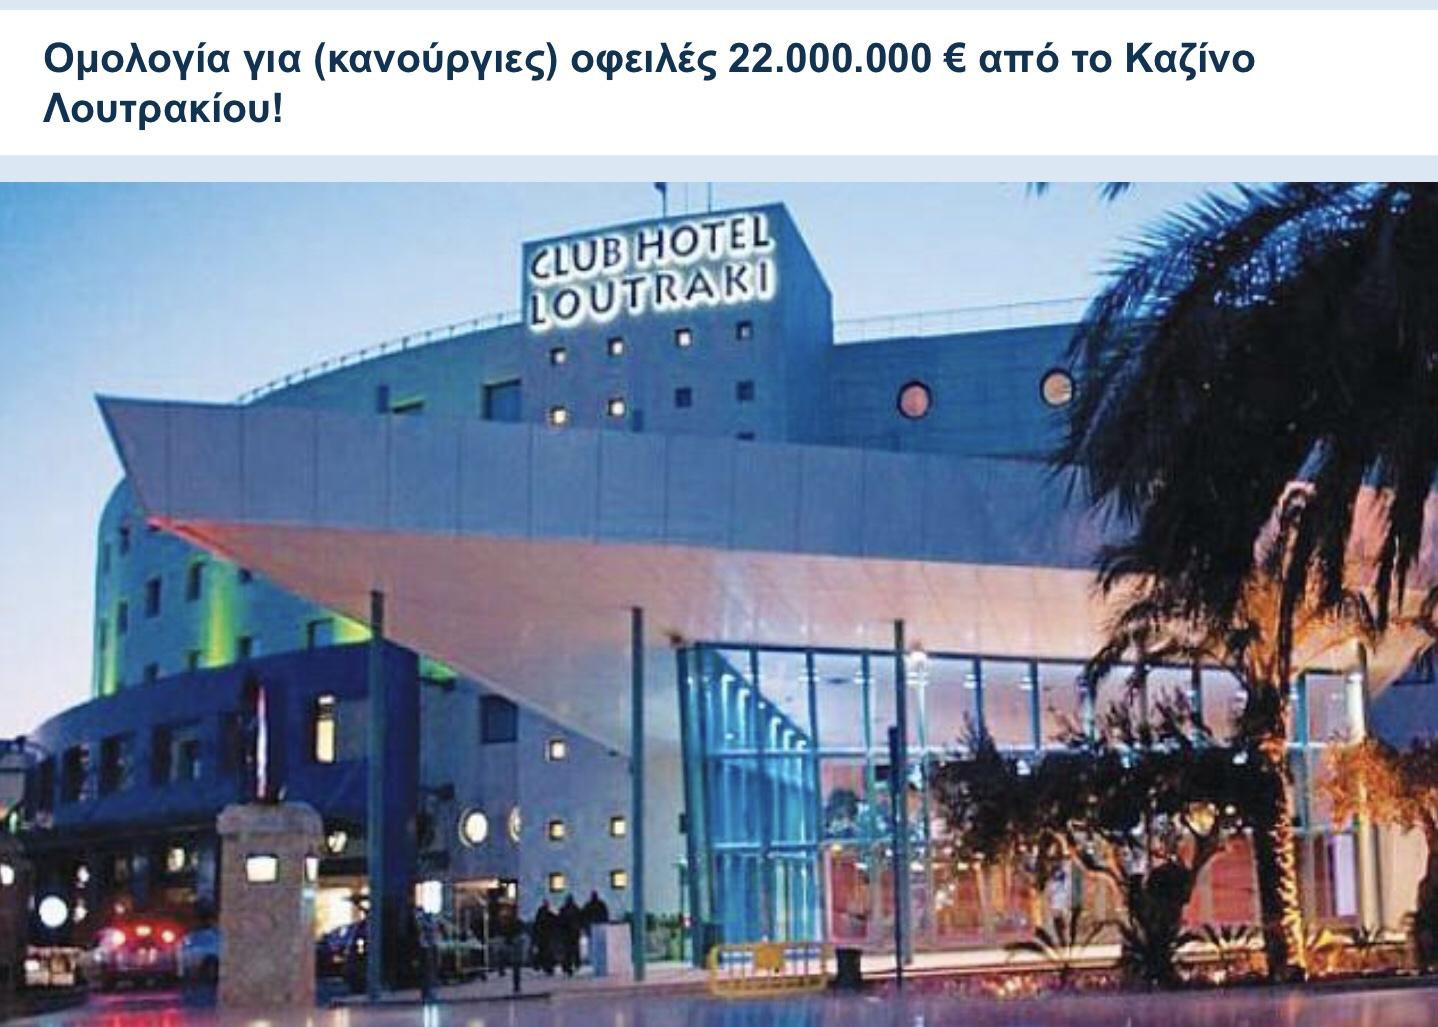 Καζίνο Λουτρακίου: Έχουν αποκομίσει εκατοντάδες εκατομμύρια ευρώ, αλλά δεν πληρώνουν τις οφειλές ακόμα και στα ασφαλιστικά ταμεία!